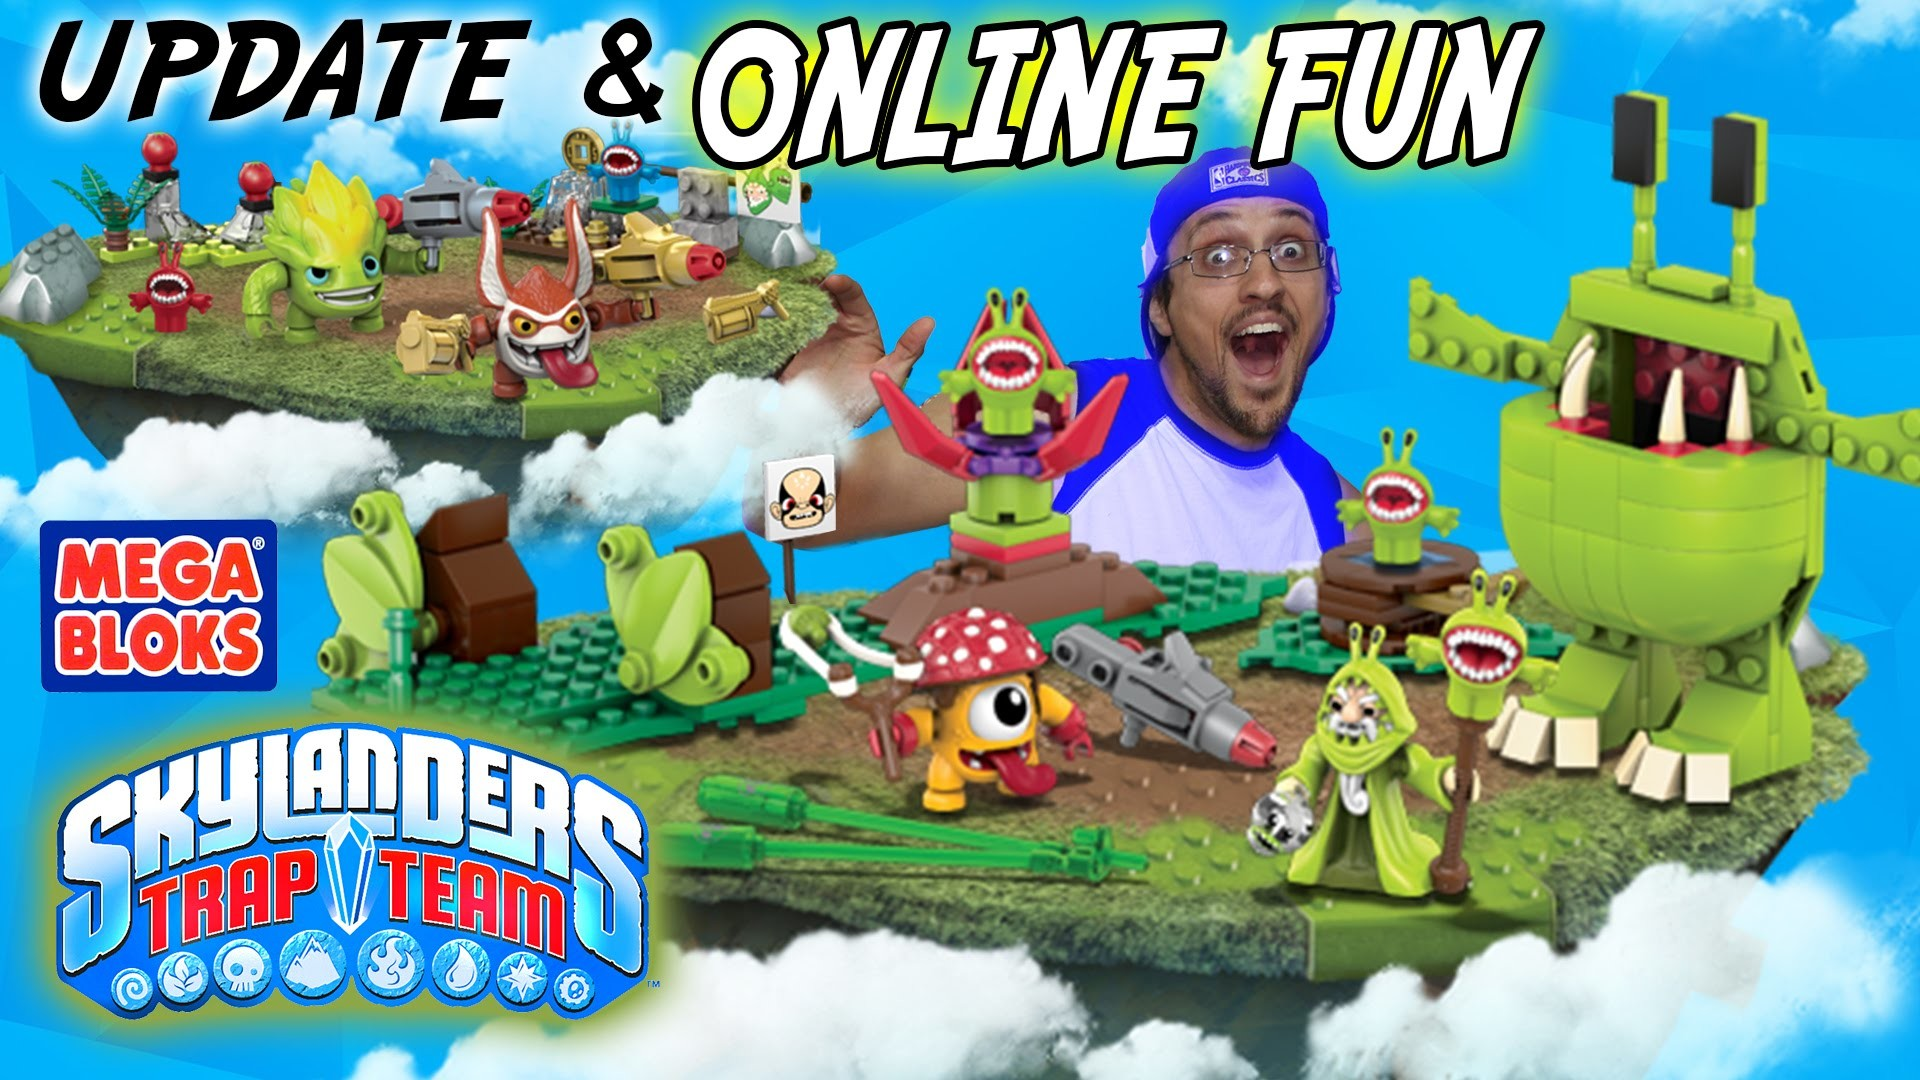 Skylanders Trap Team Mega Bloks Update + FREE Activities (Online Fun)  Games, Wallpapers & More – YouTube